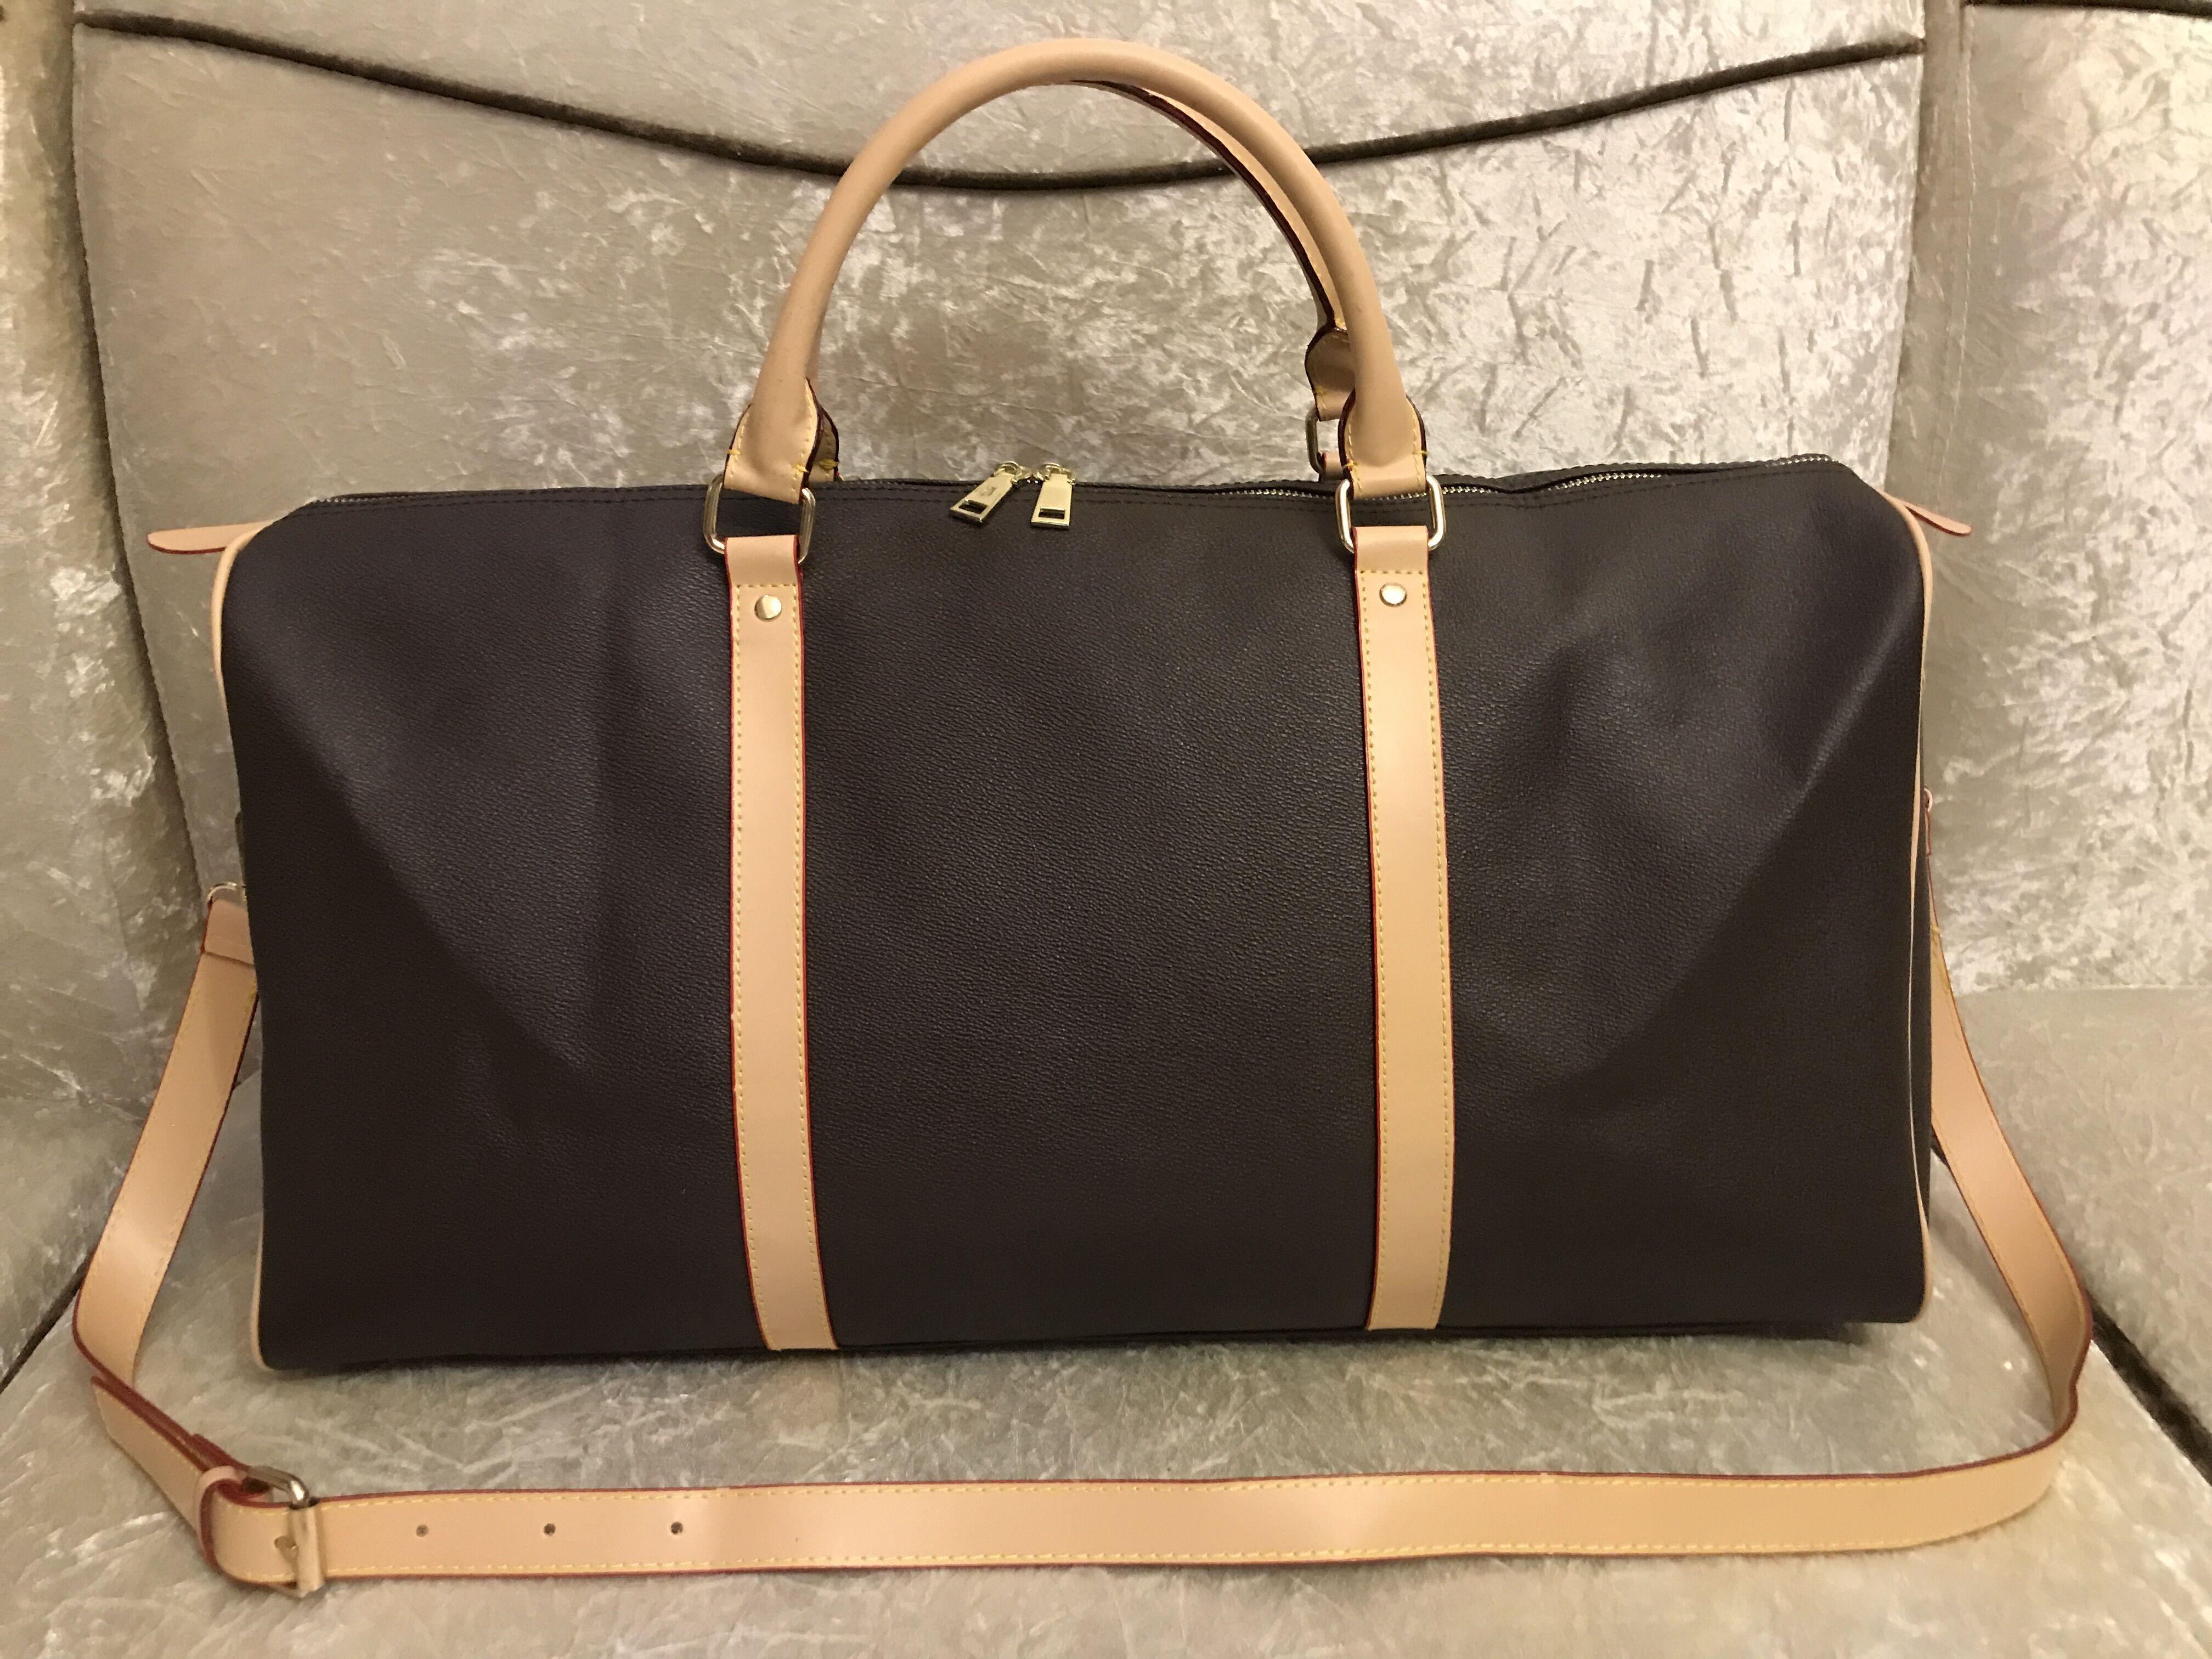 Créateurs Fashion Duffel Sacs Luxury Hommes Sacs de voyage Femme Grande Capacité Holdall Carrinez sur bagages Sac de weekend de nuit avec verrou 41414